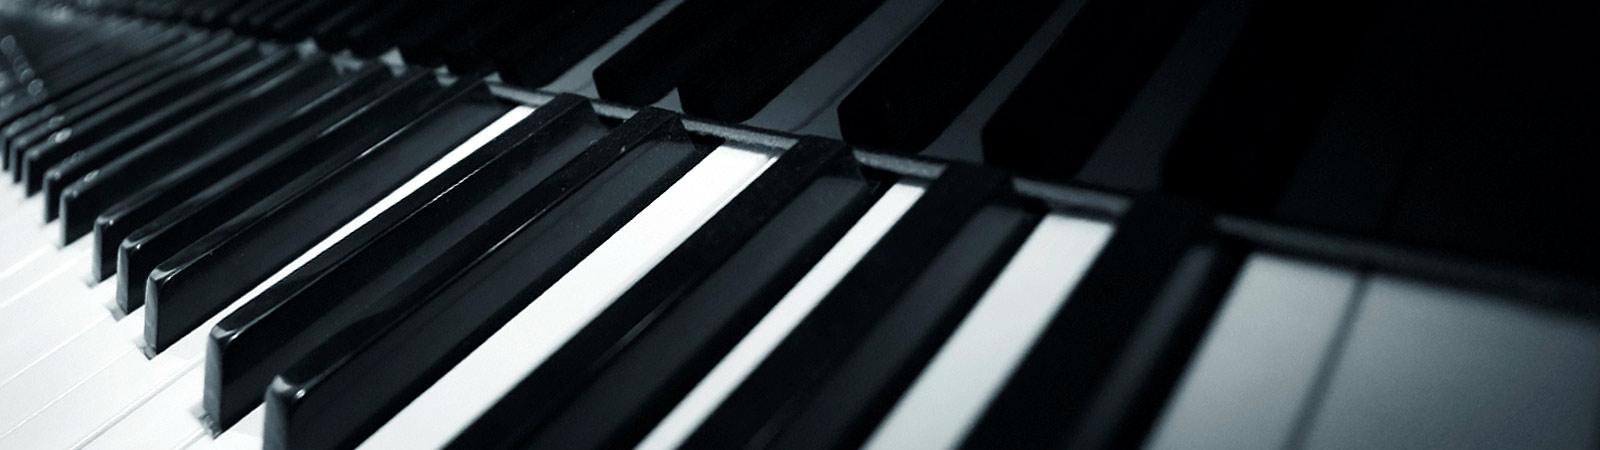 Piano verhuizen Eindhoven